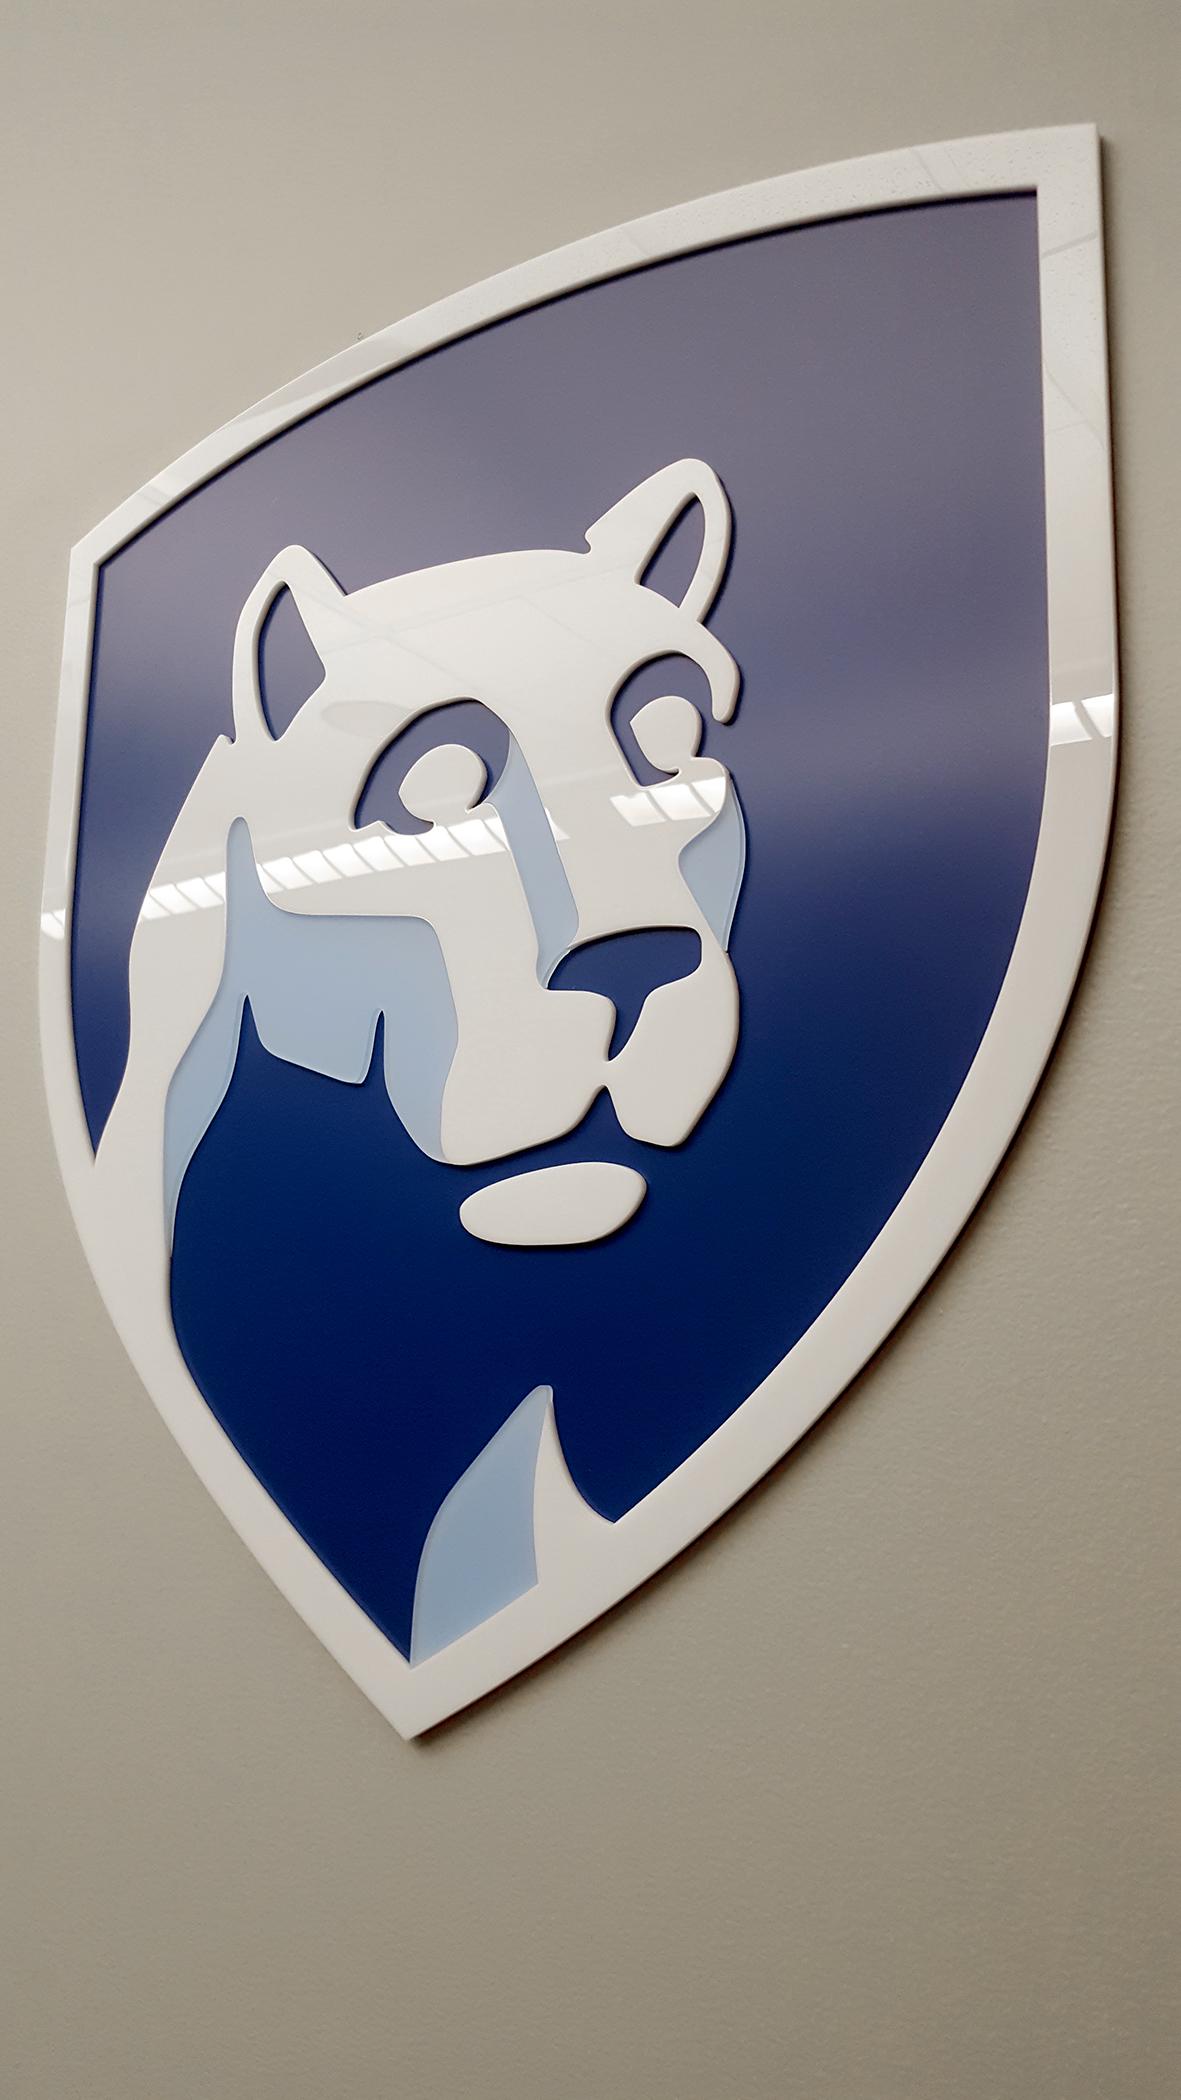 Client: Penn State Shenango